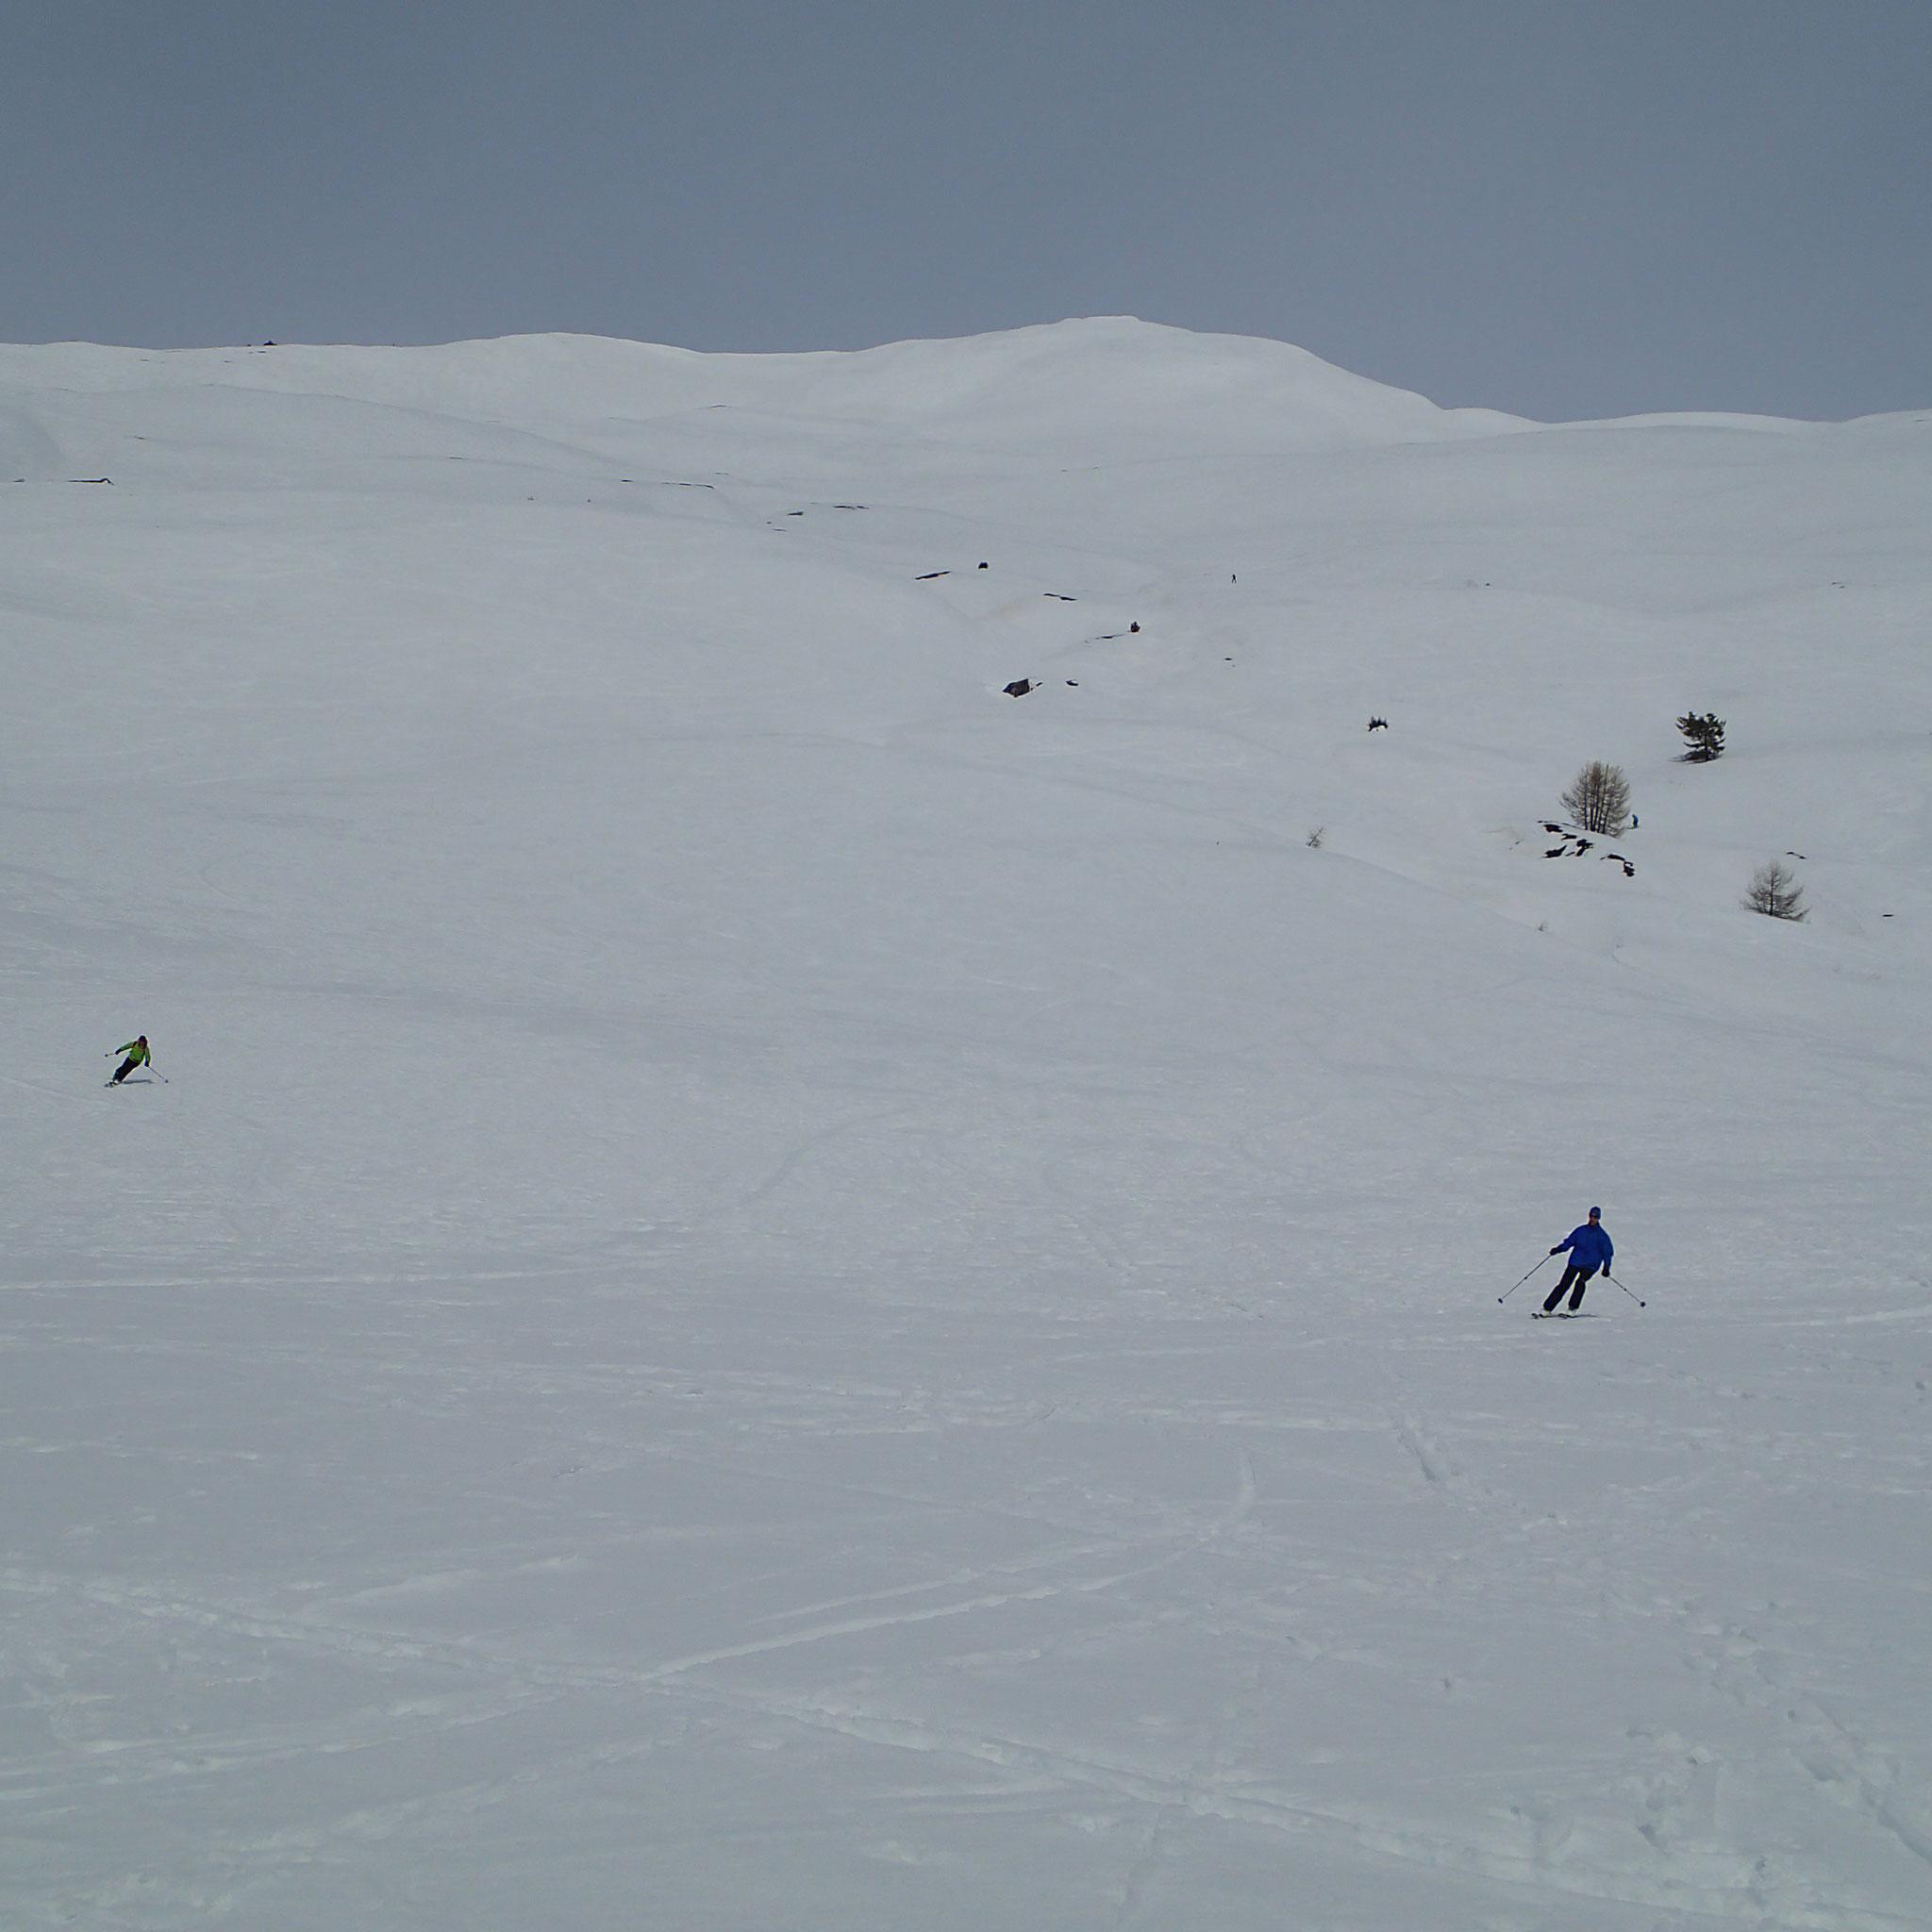 Une fois de plus, du très grand ski à la descente !